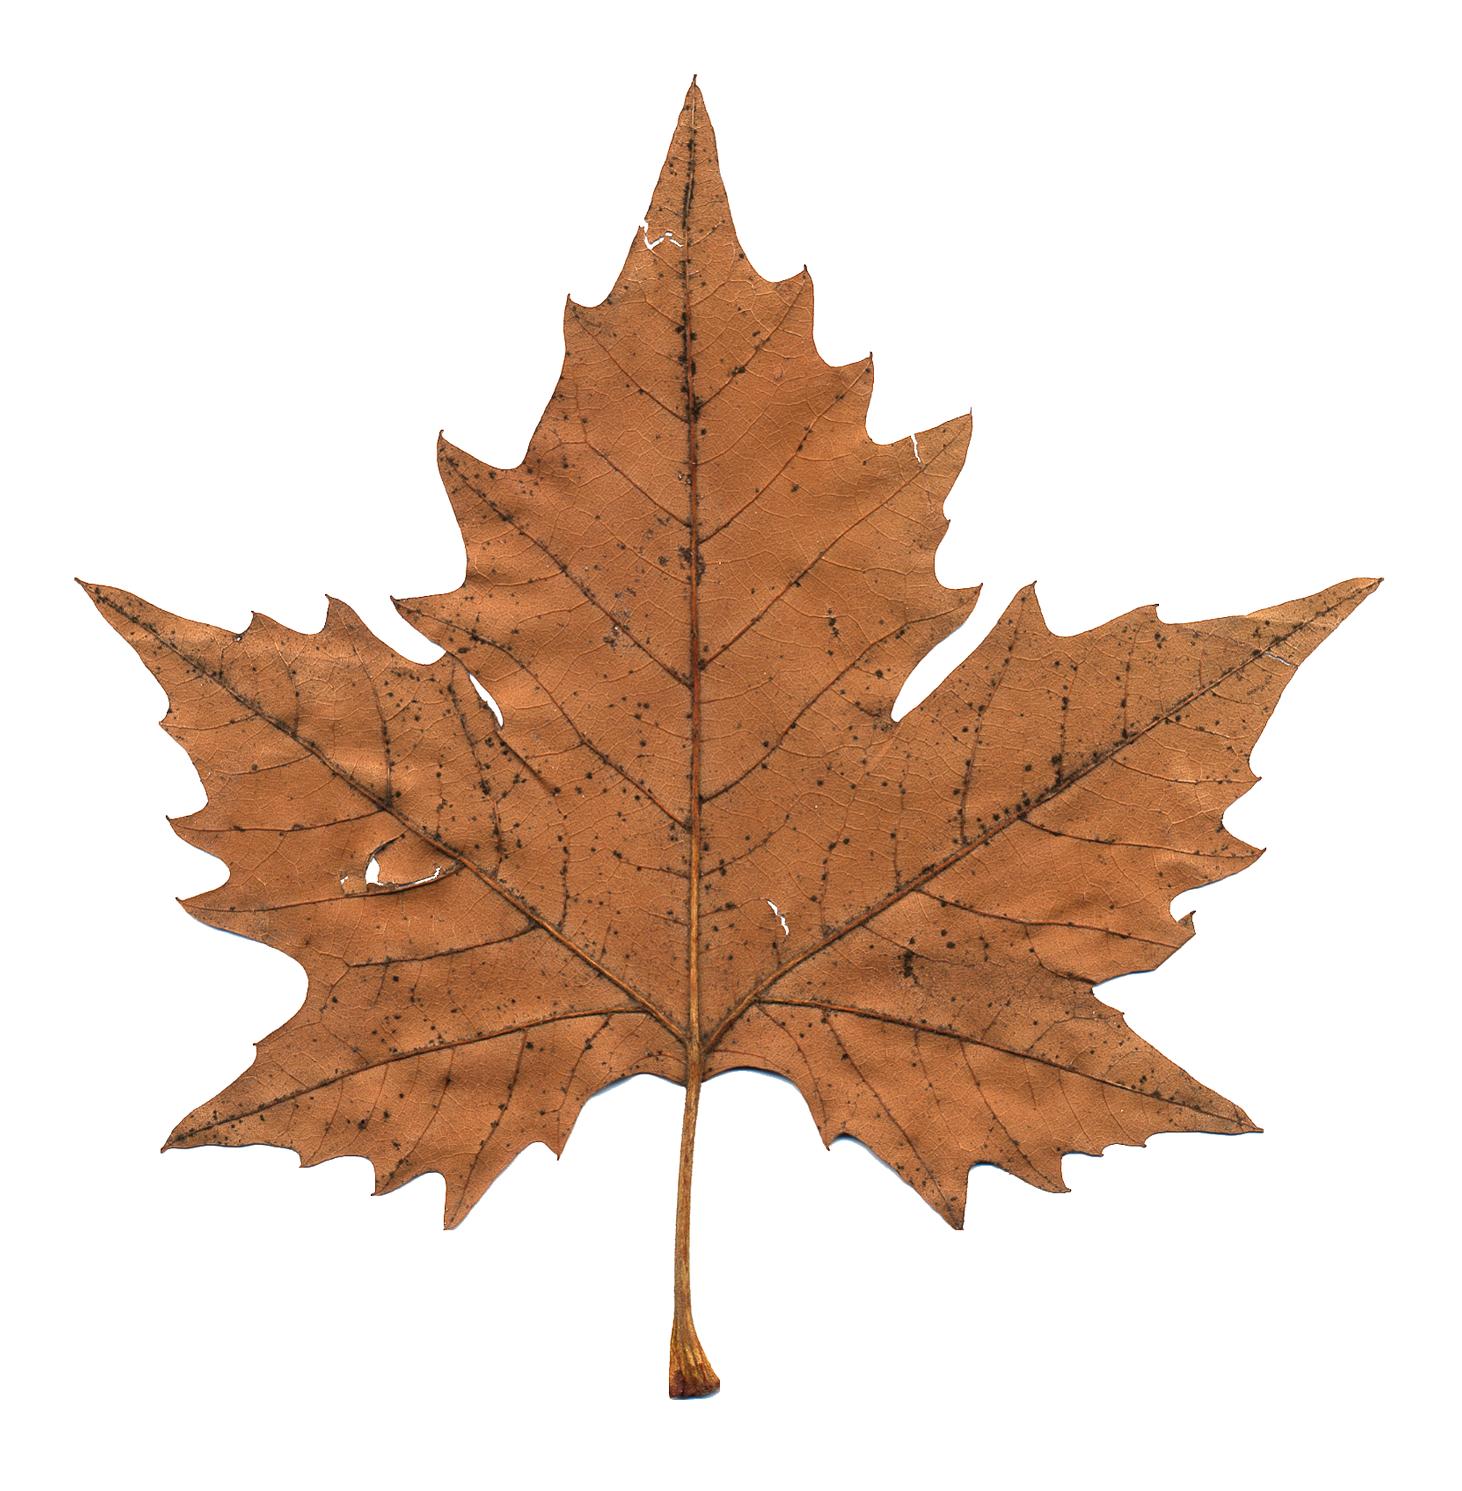 Maple Leaf Png Image Daun Bunga Kering Latar Belakang